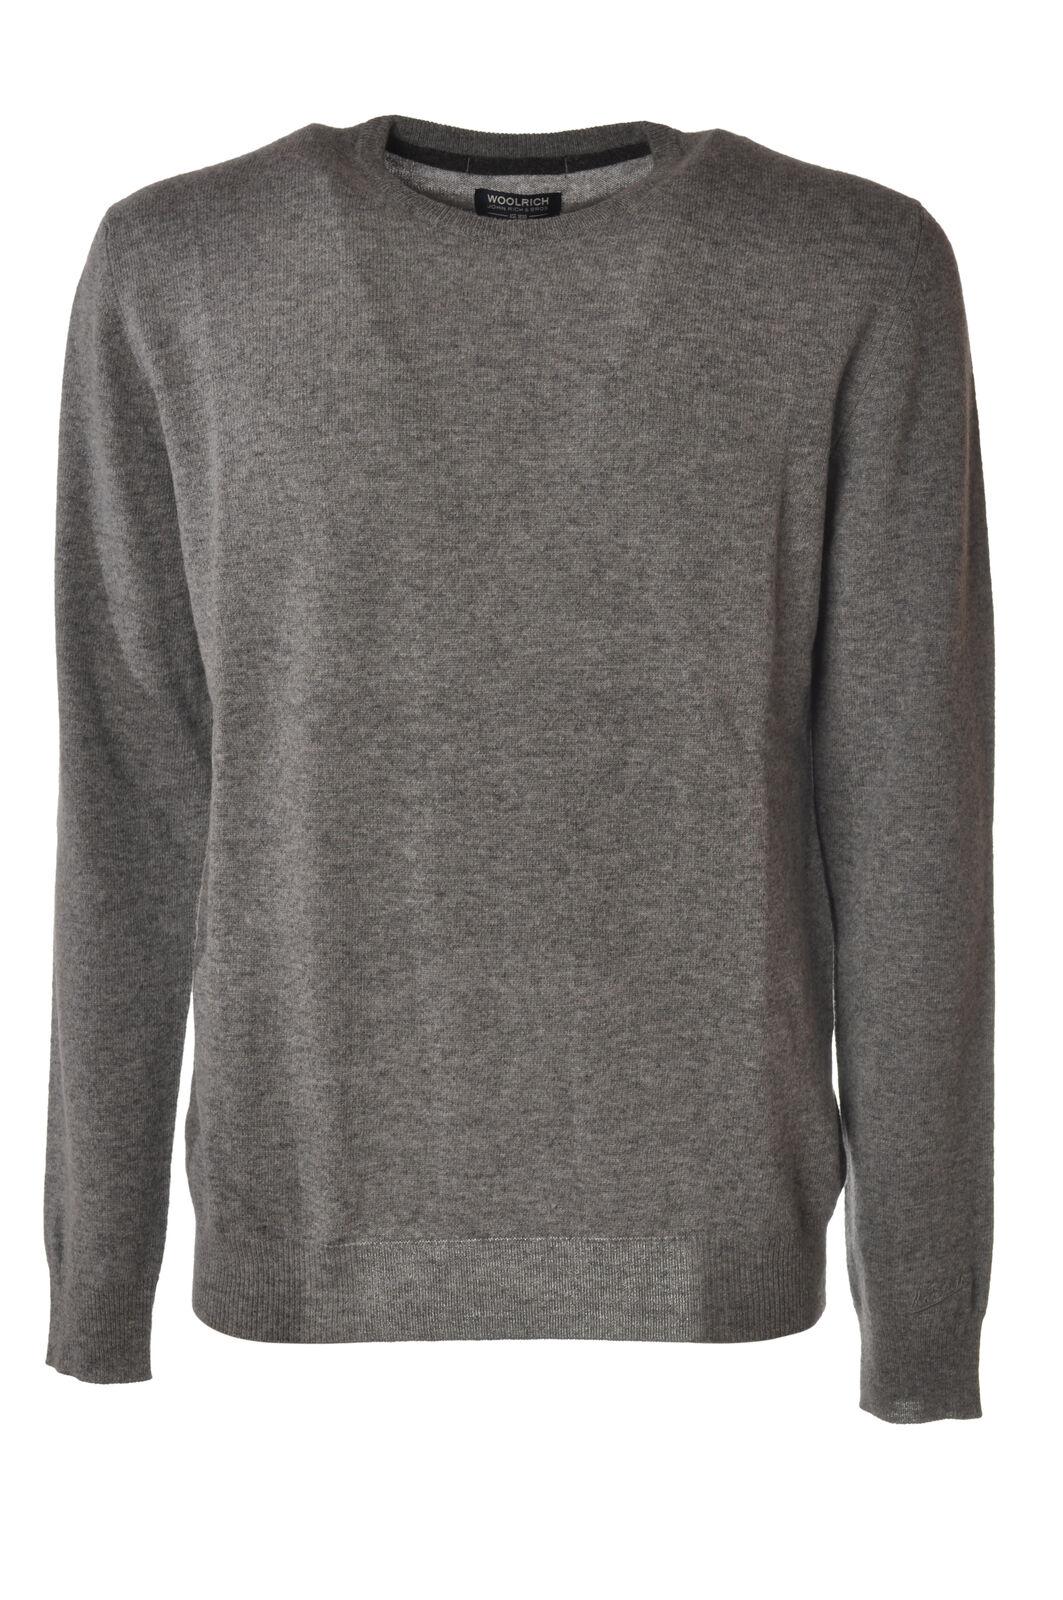 Woolrich - Knitwear-Sweaters - Man - Grau - 5758419L183730